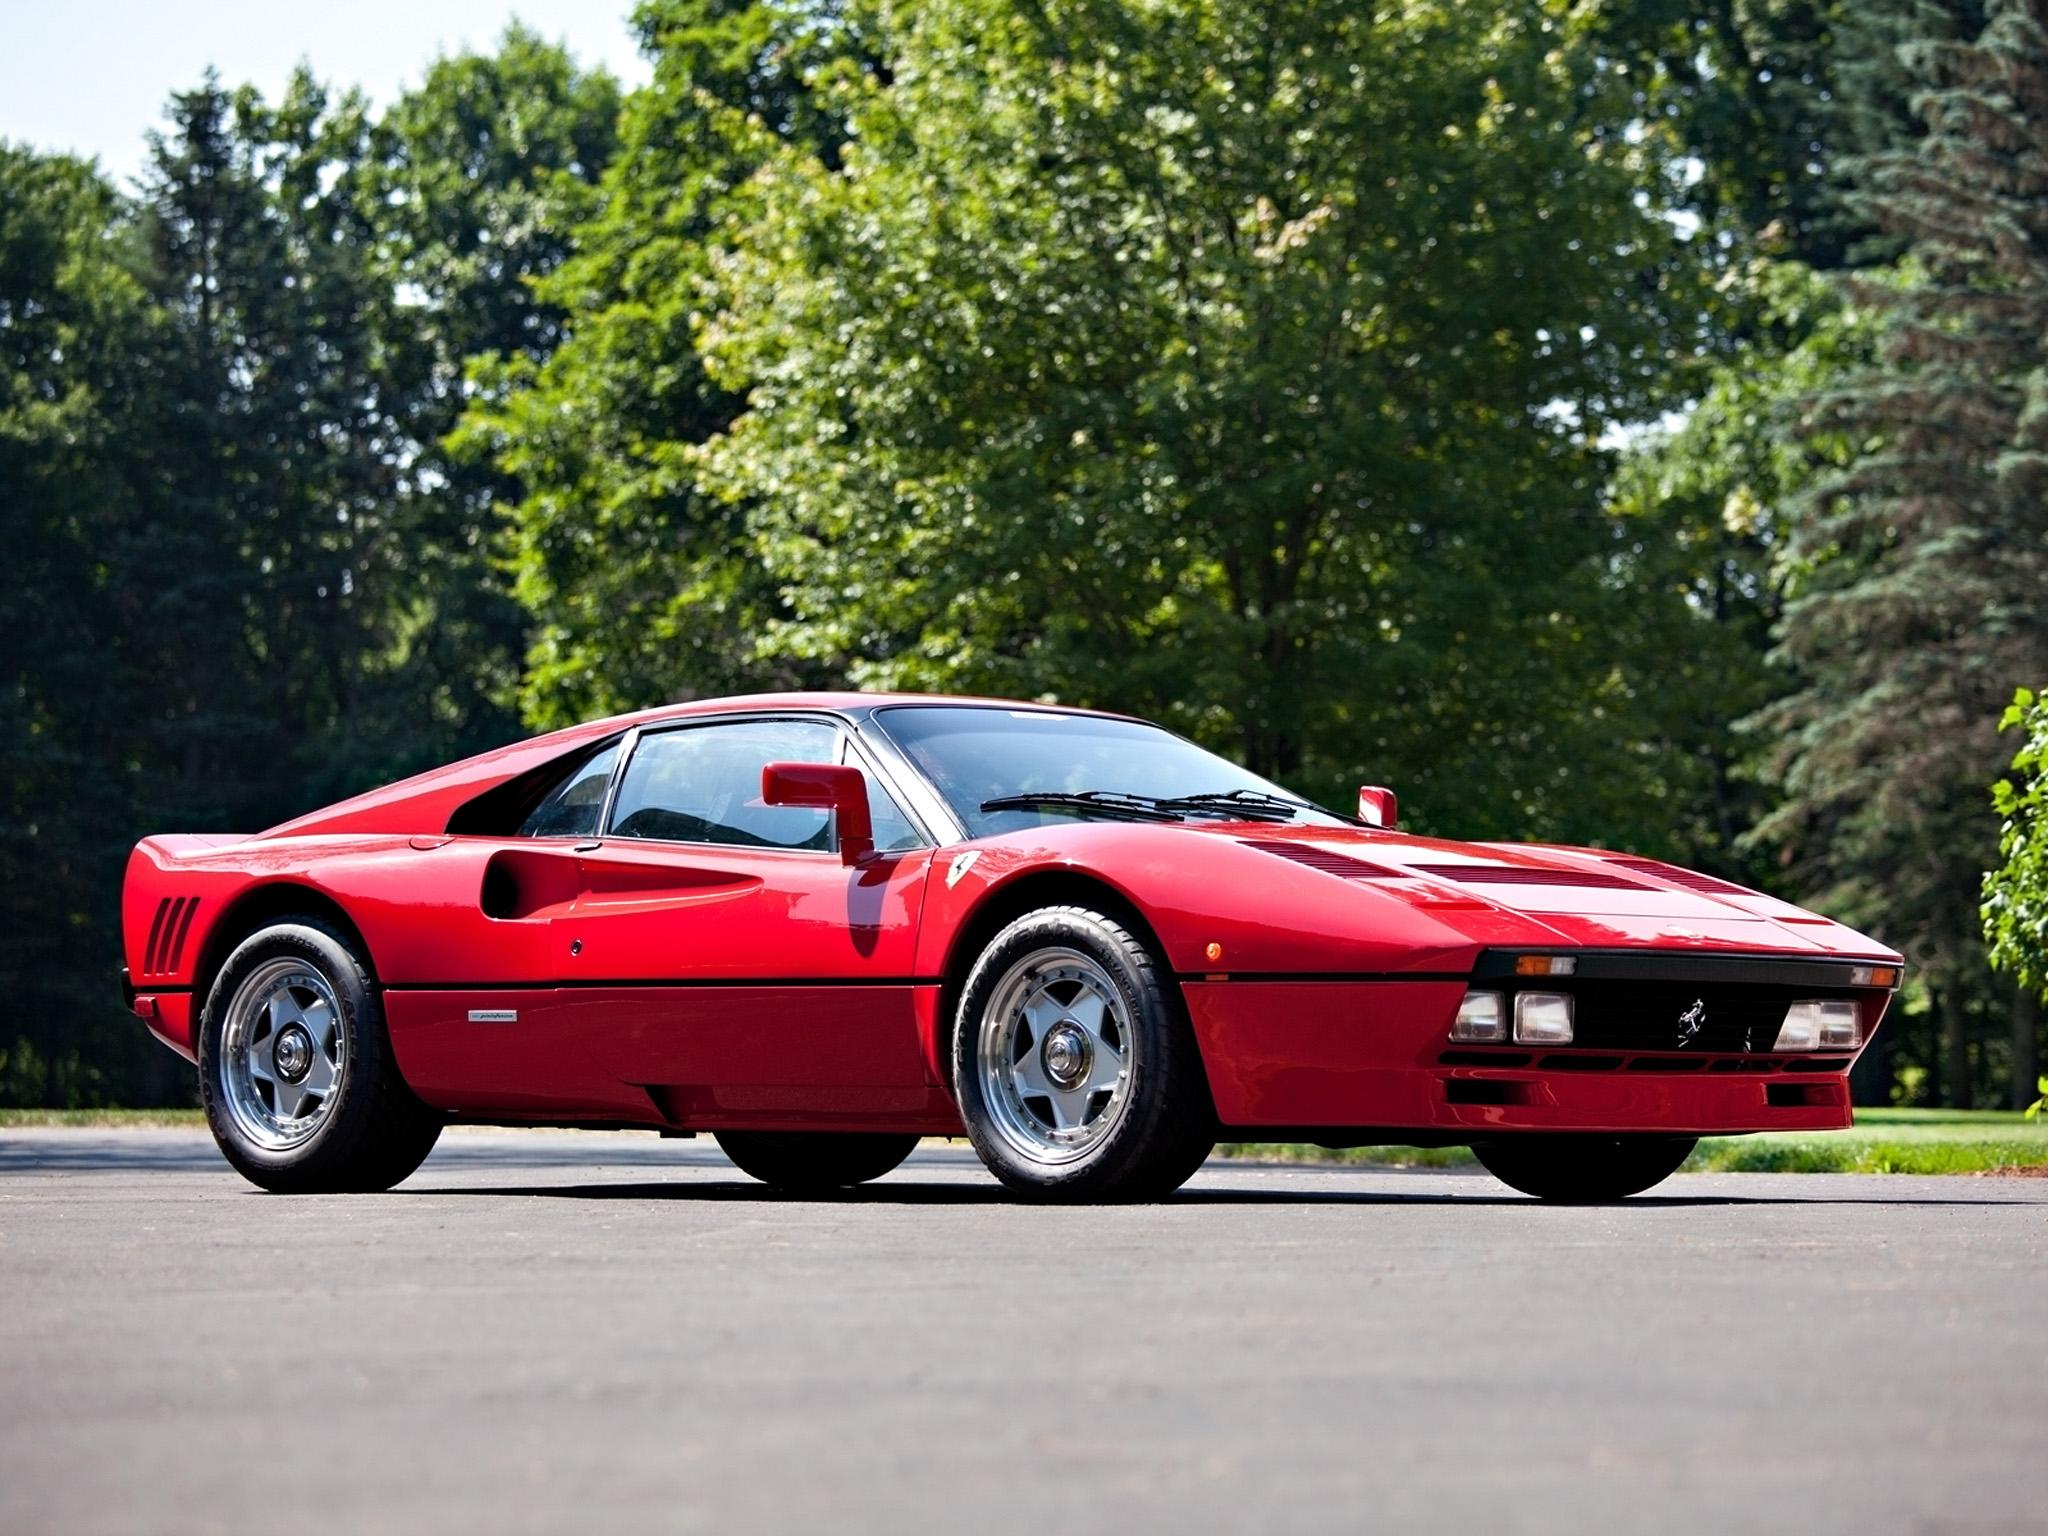 QUE COCHE - Página 2 Ferrari-288-GTO-on-Road